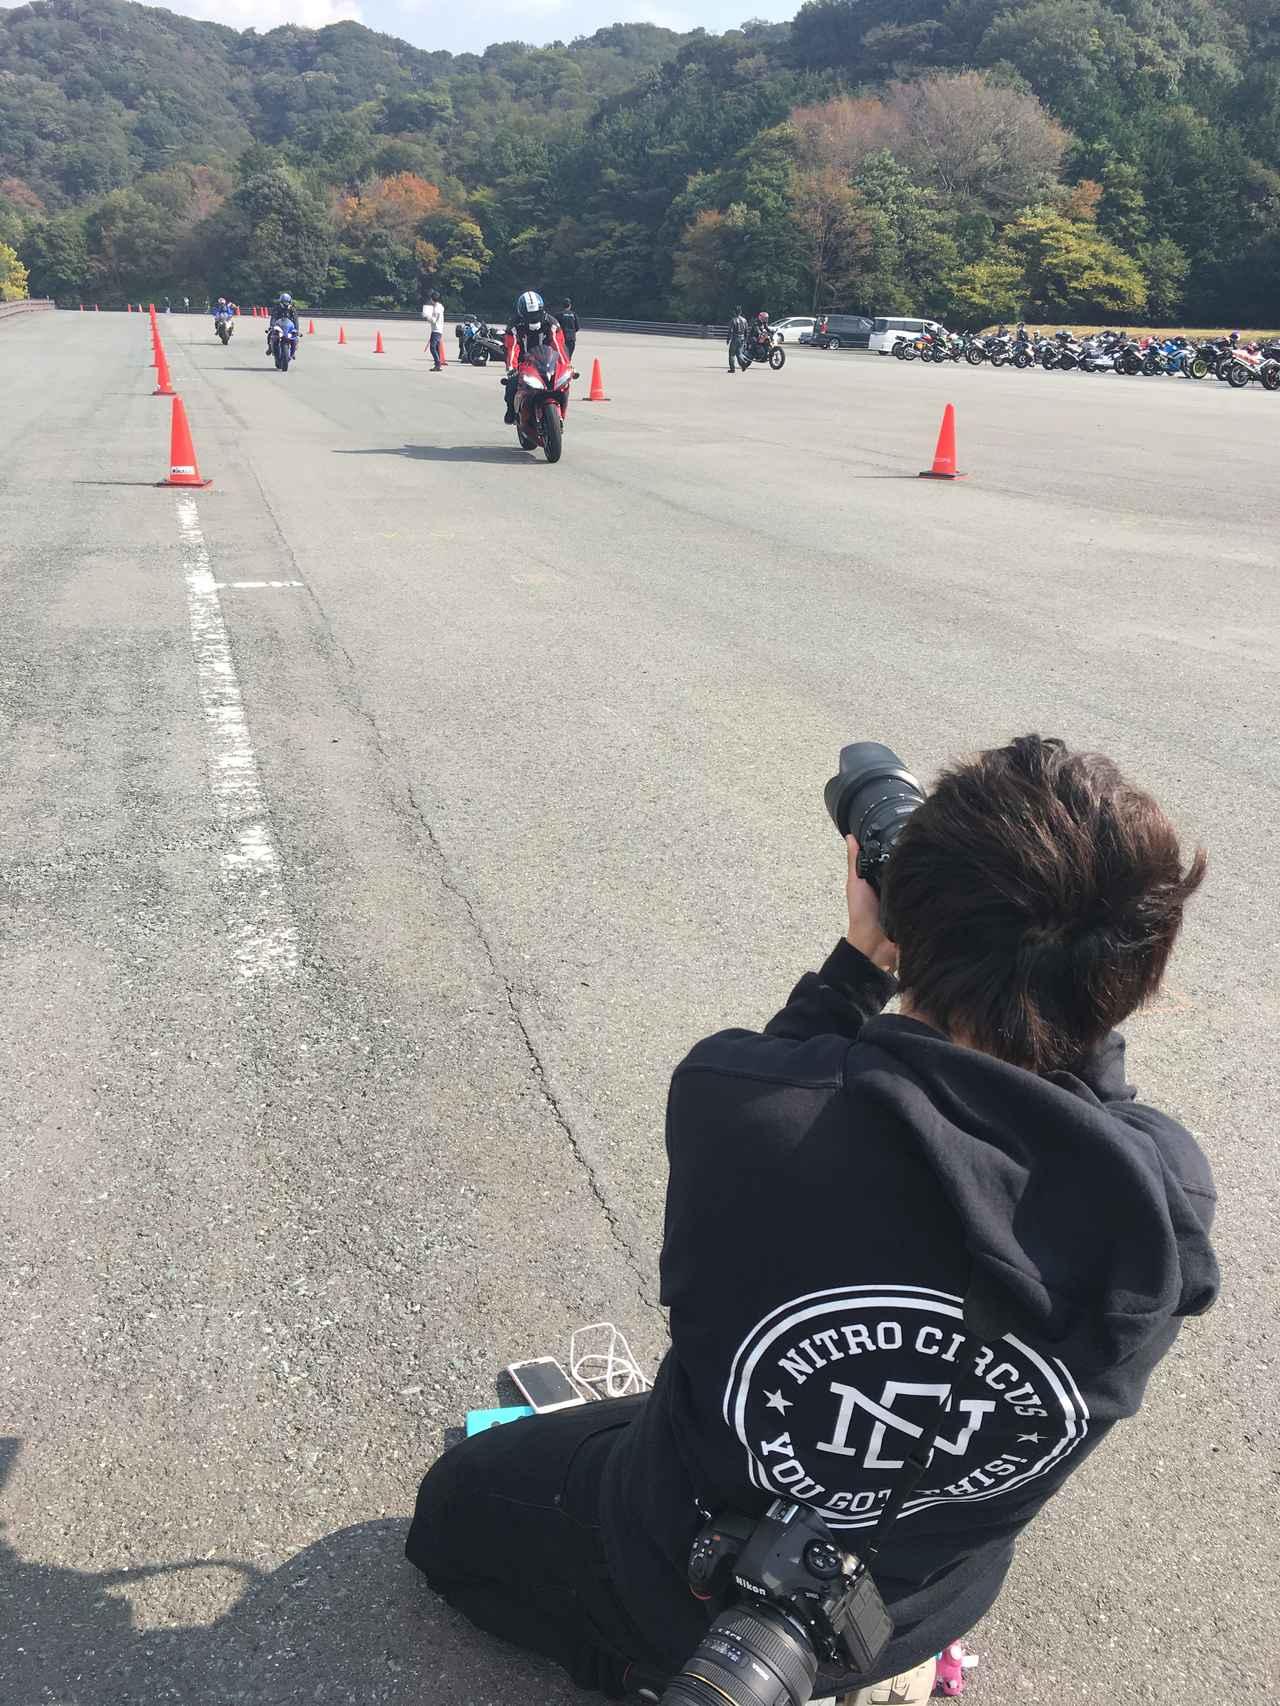 画像2: 11月4日(土)に静岡県袋井市の小笠山総合運動公園 エコパ第9駐車場で開催された、『YZF-R全国ミーティング』に参加してきました!